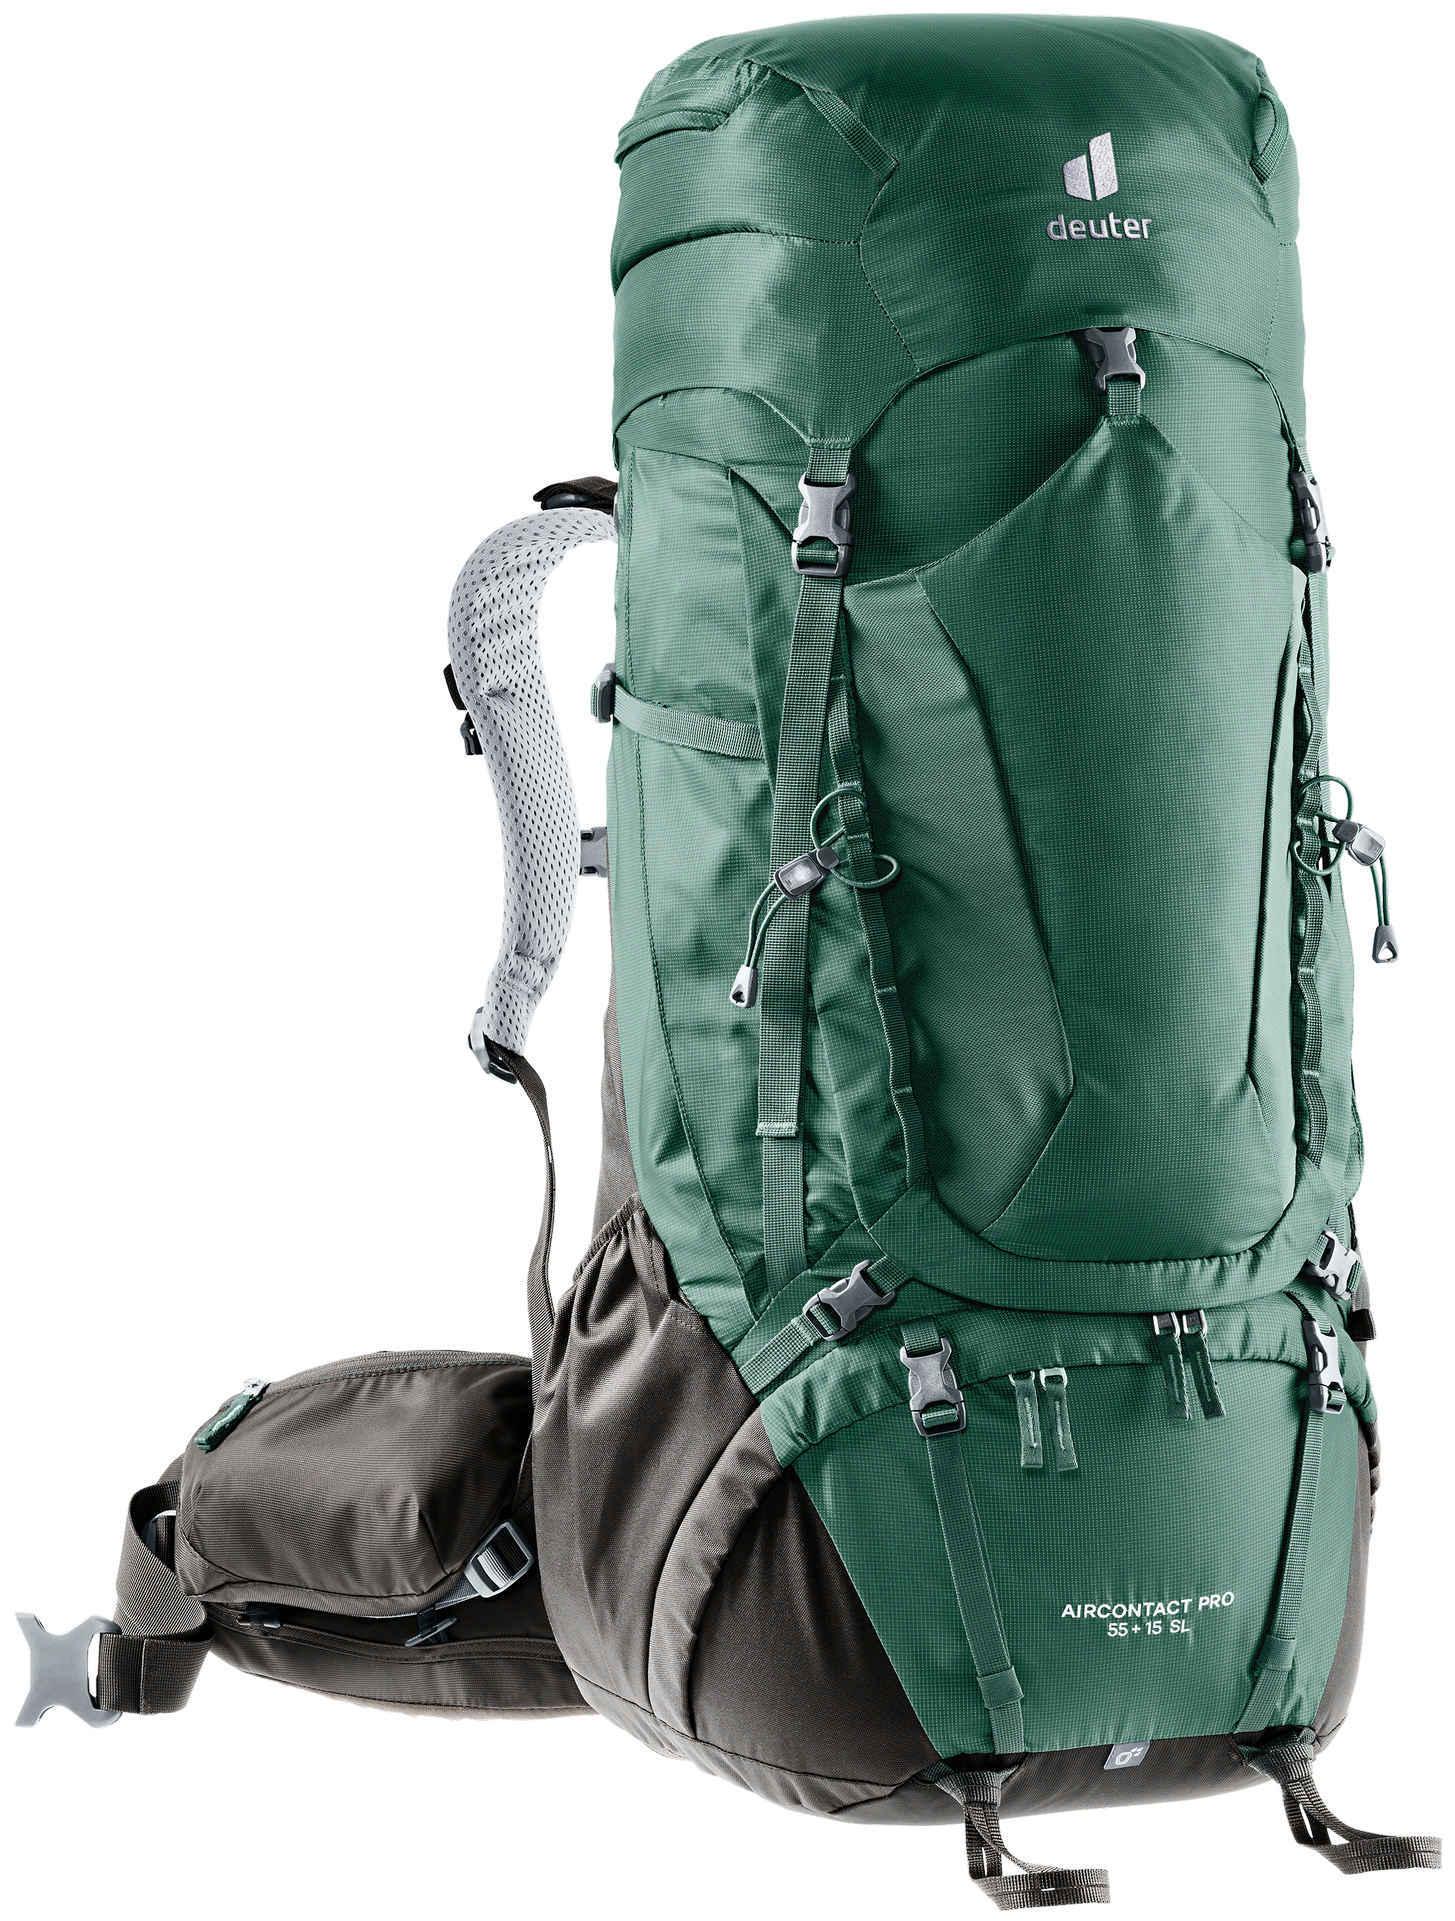 Туристические рюкзаки большие Рюкзак Deuter Aircontact Pro 55+15 SL (2021) 3330021-2609-AircontactPro55u15SL-s20-d0.jpg